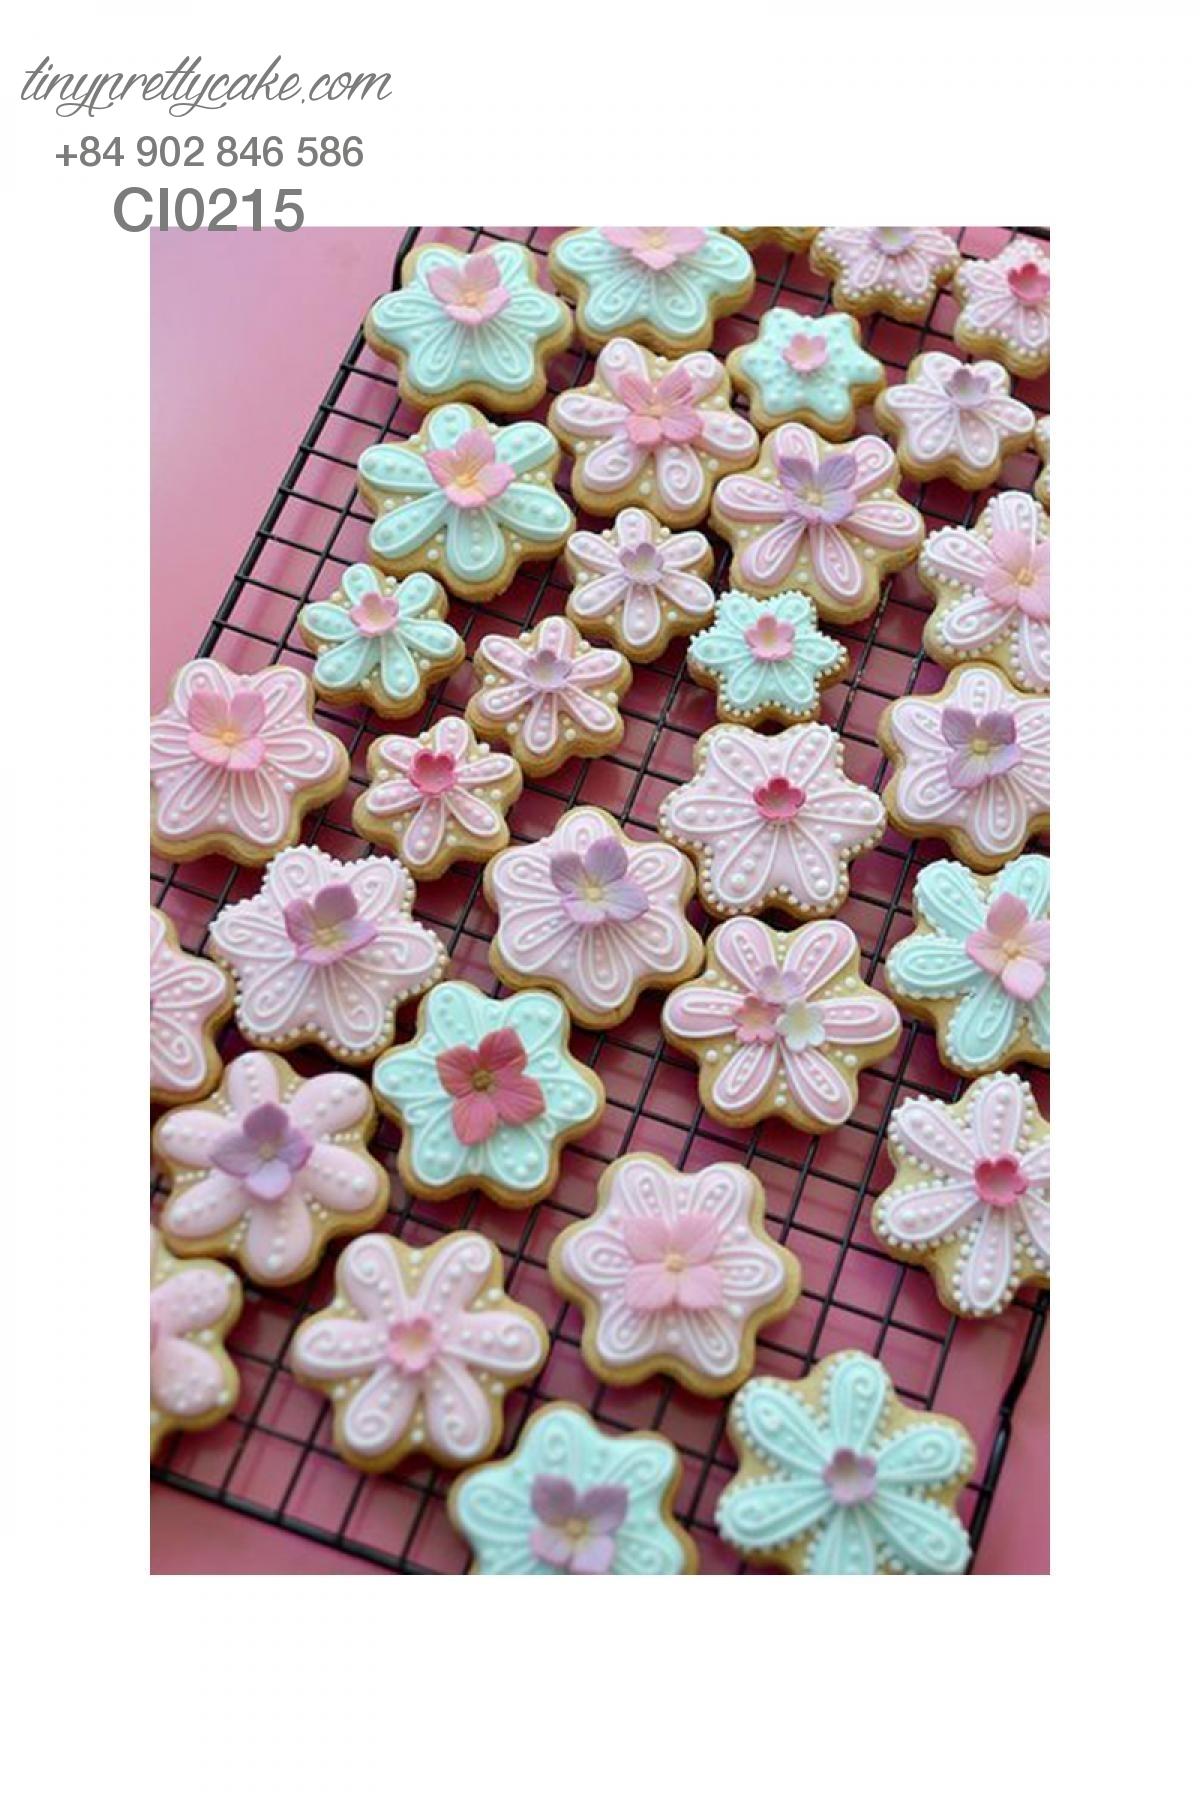 Cookie hoa mùa xuân xinh xắn cho phụ nữ (CI0215)